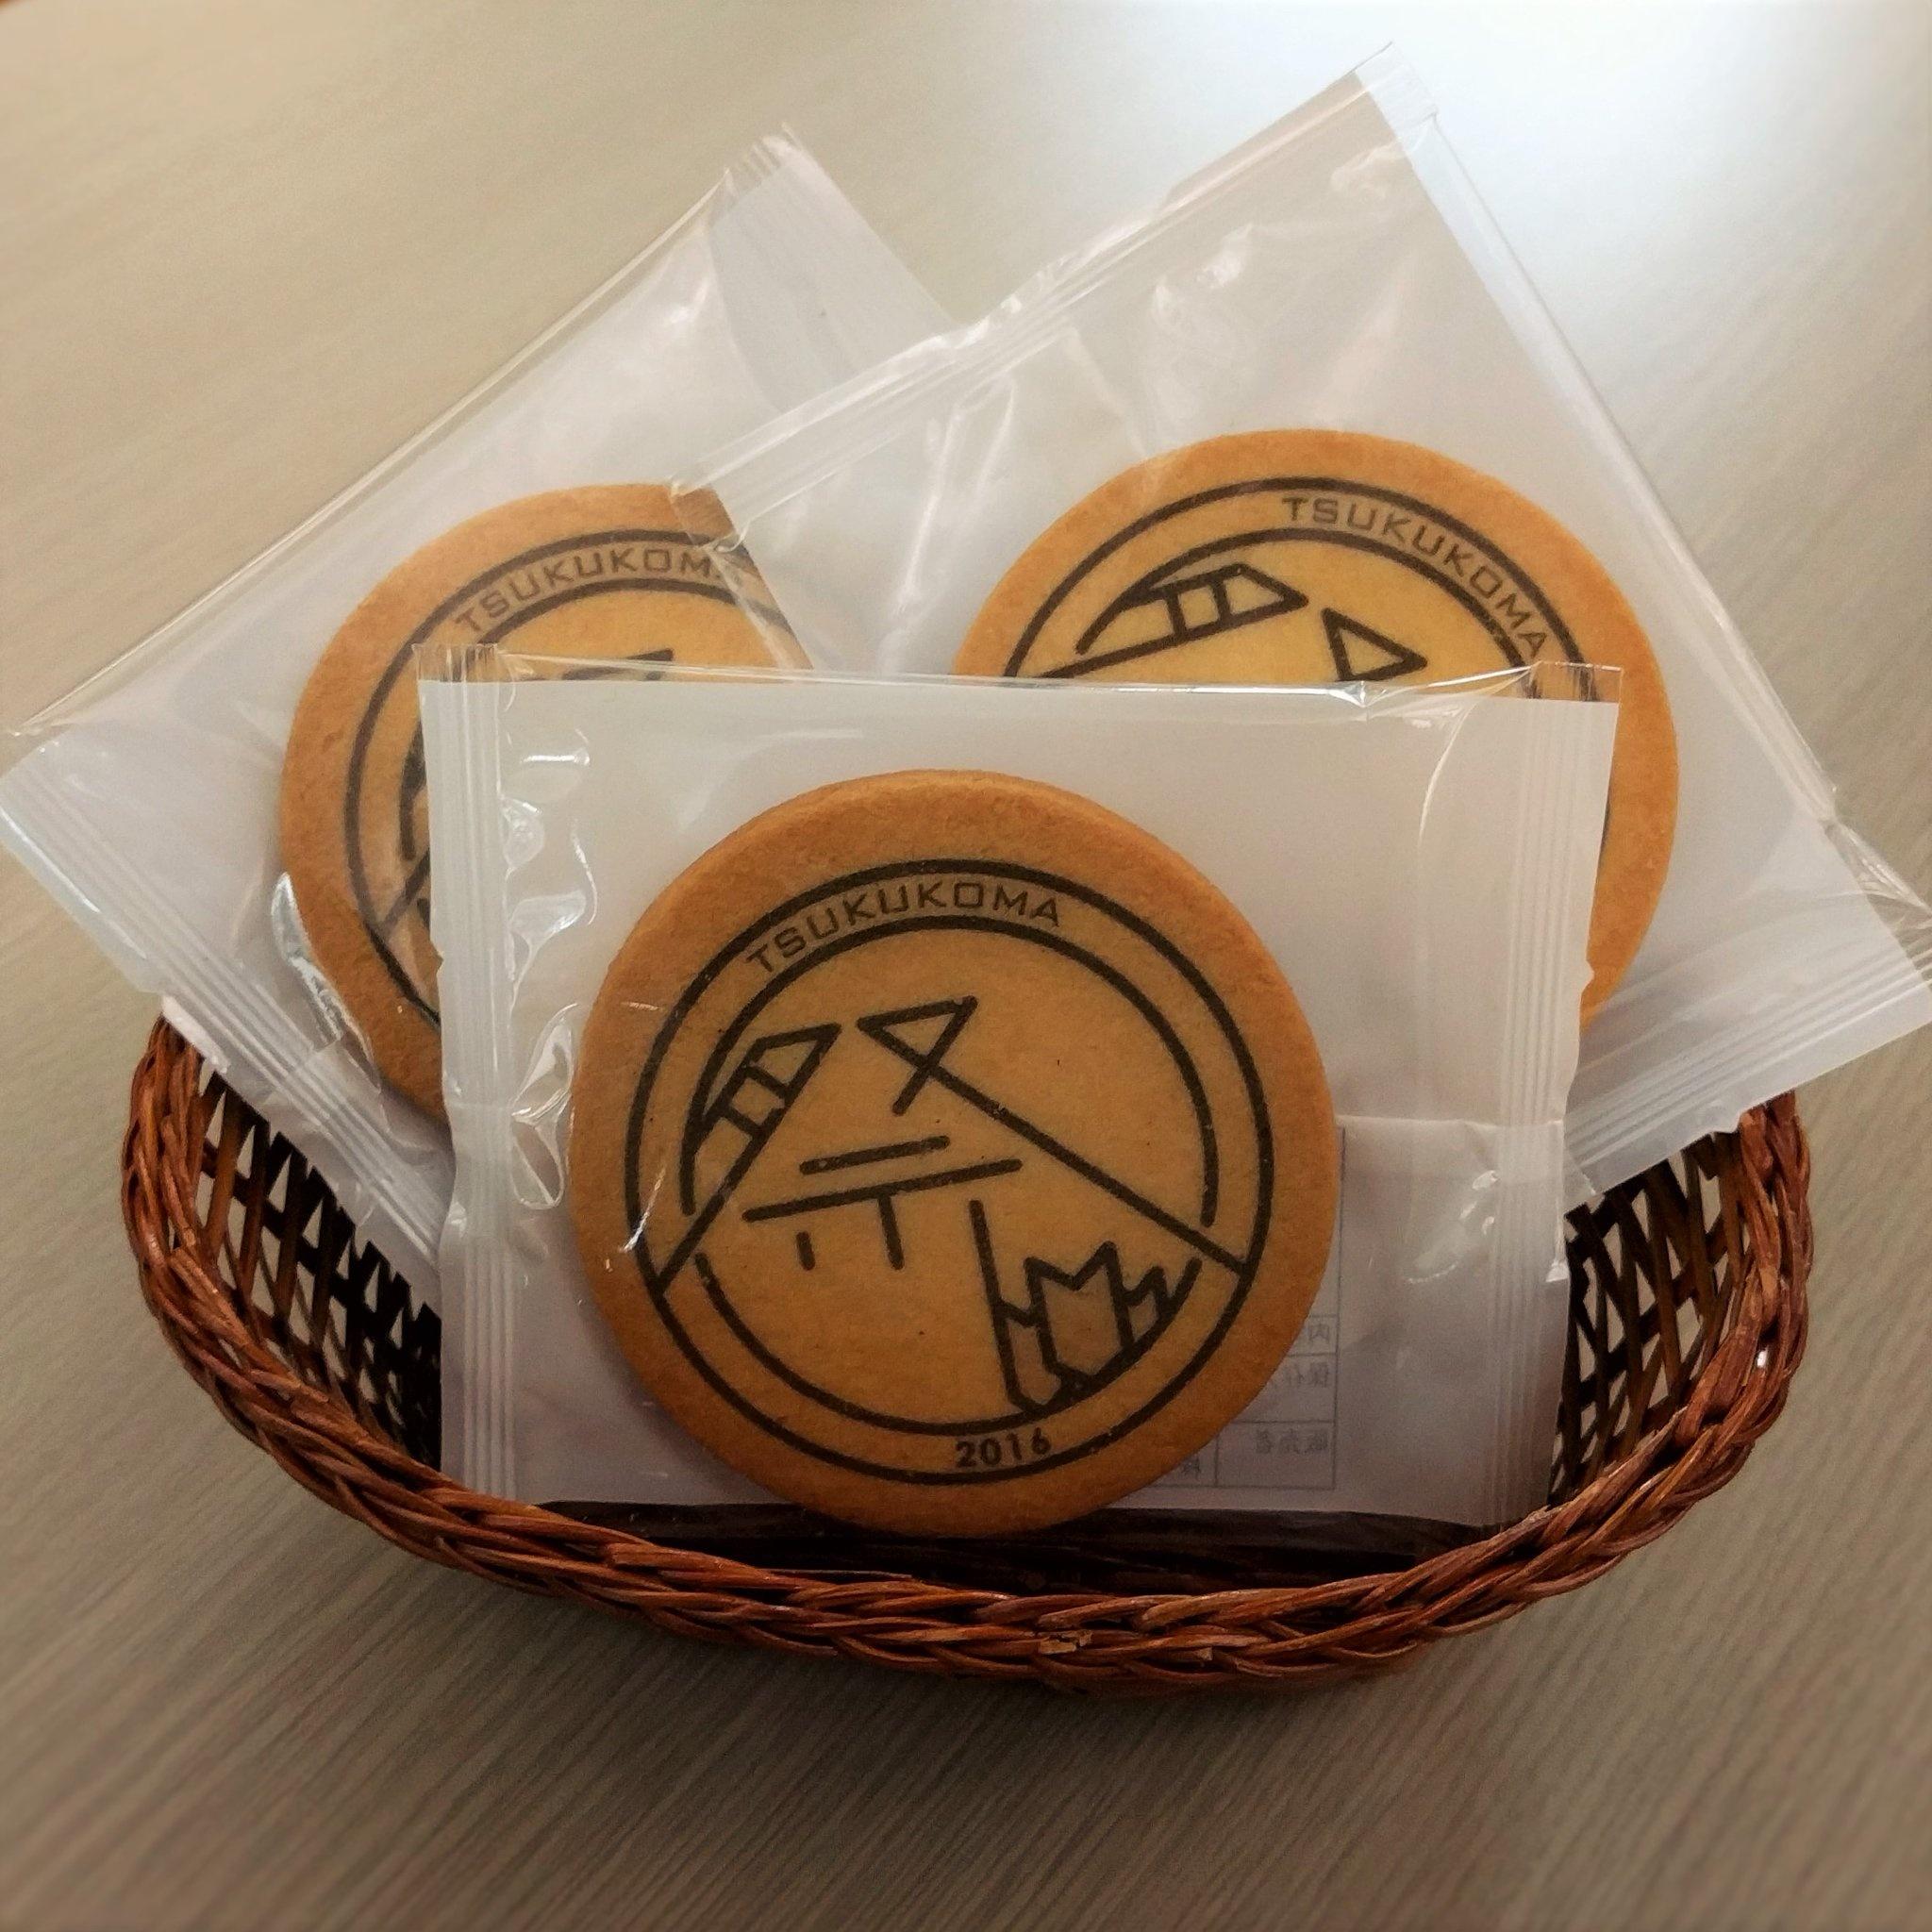 筑駒クッキー、文化祭で発売